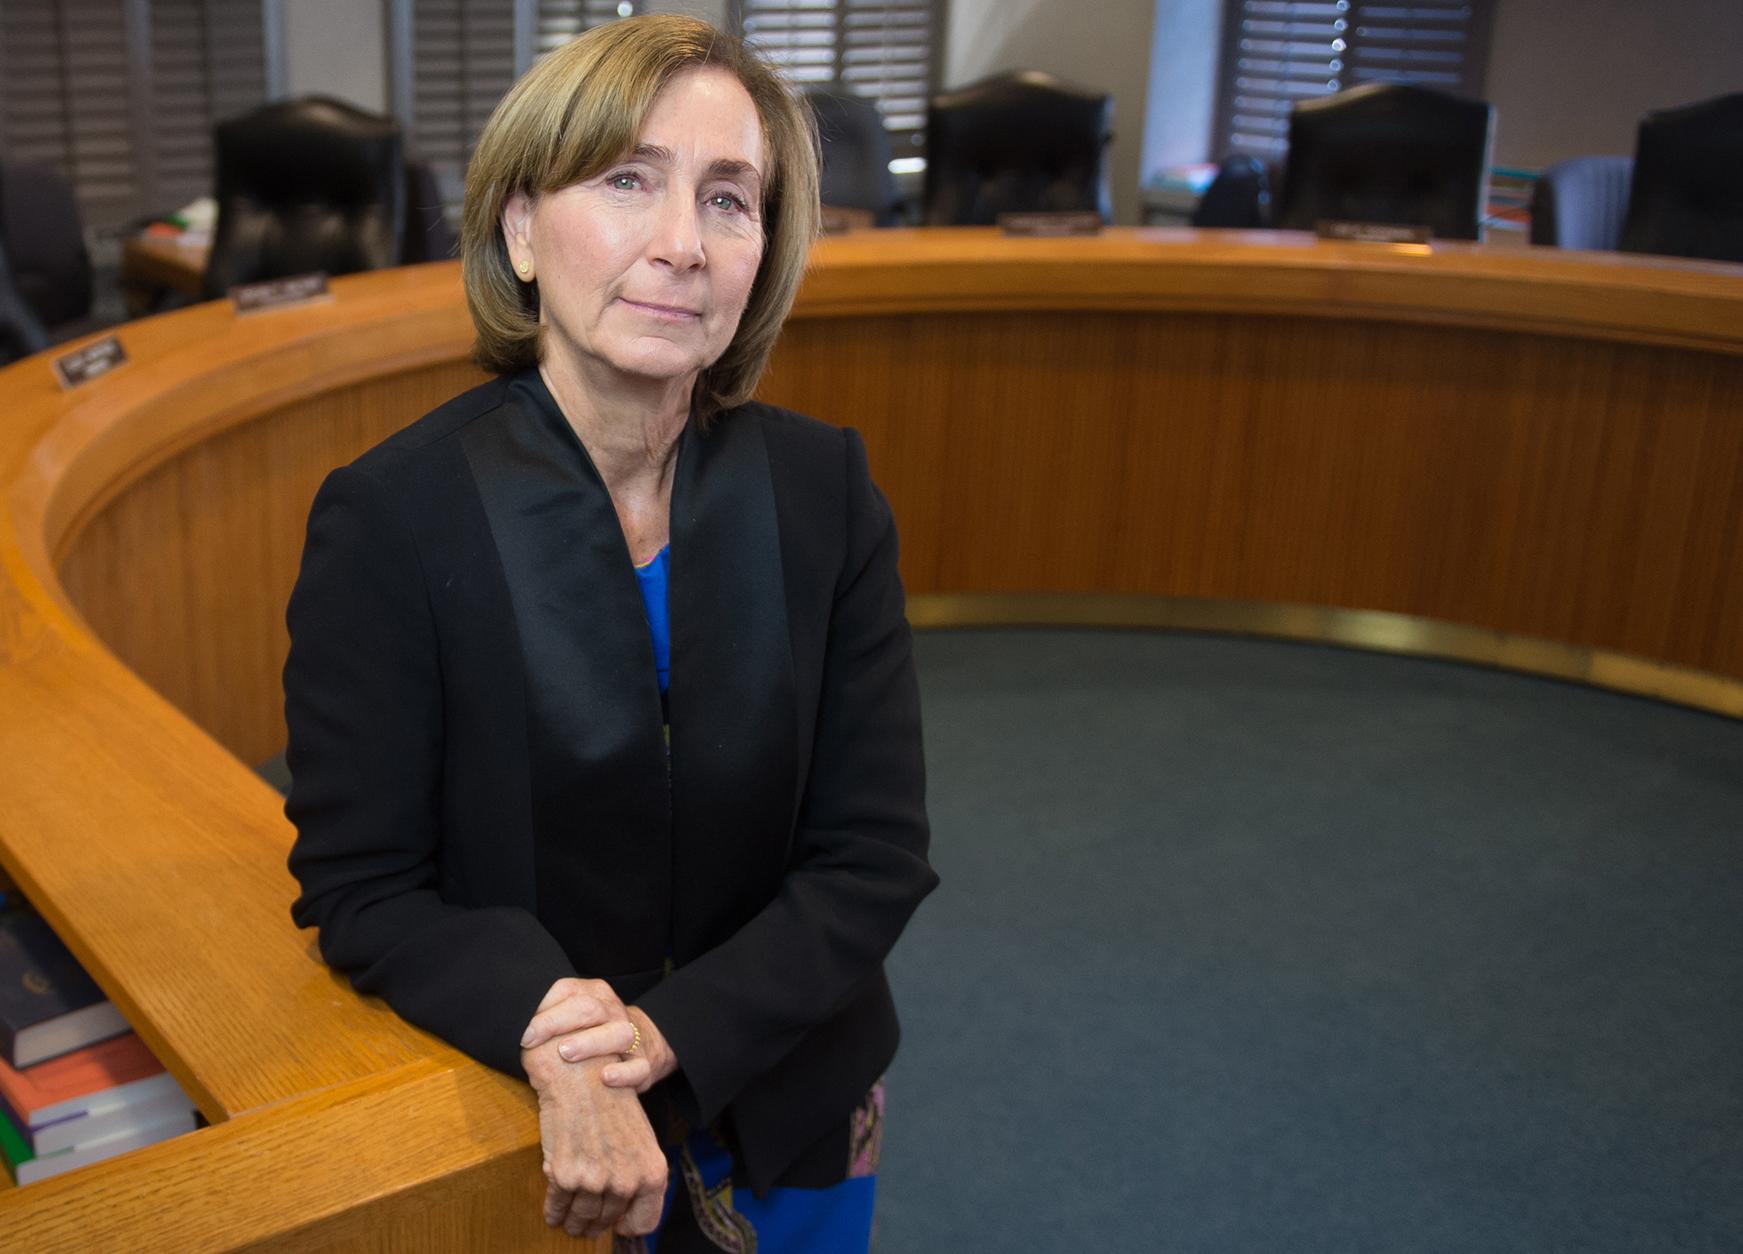 Ann Ravel standing in front of desk